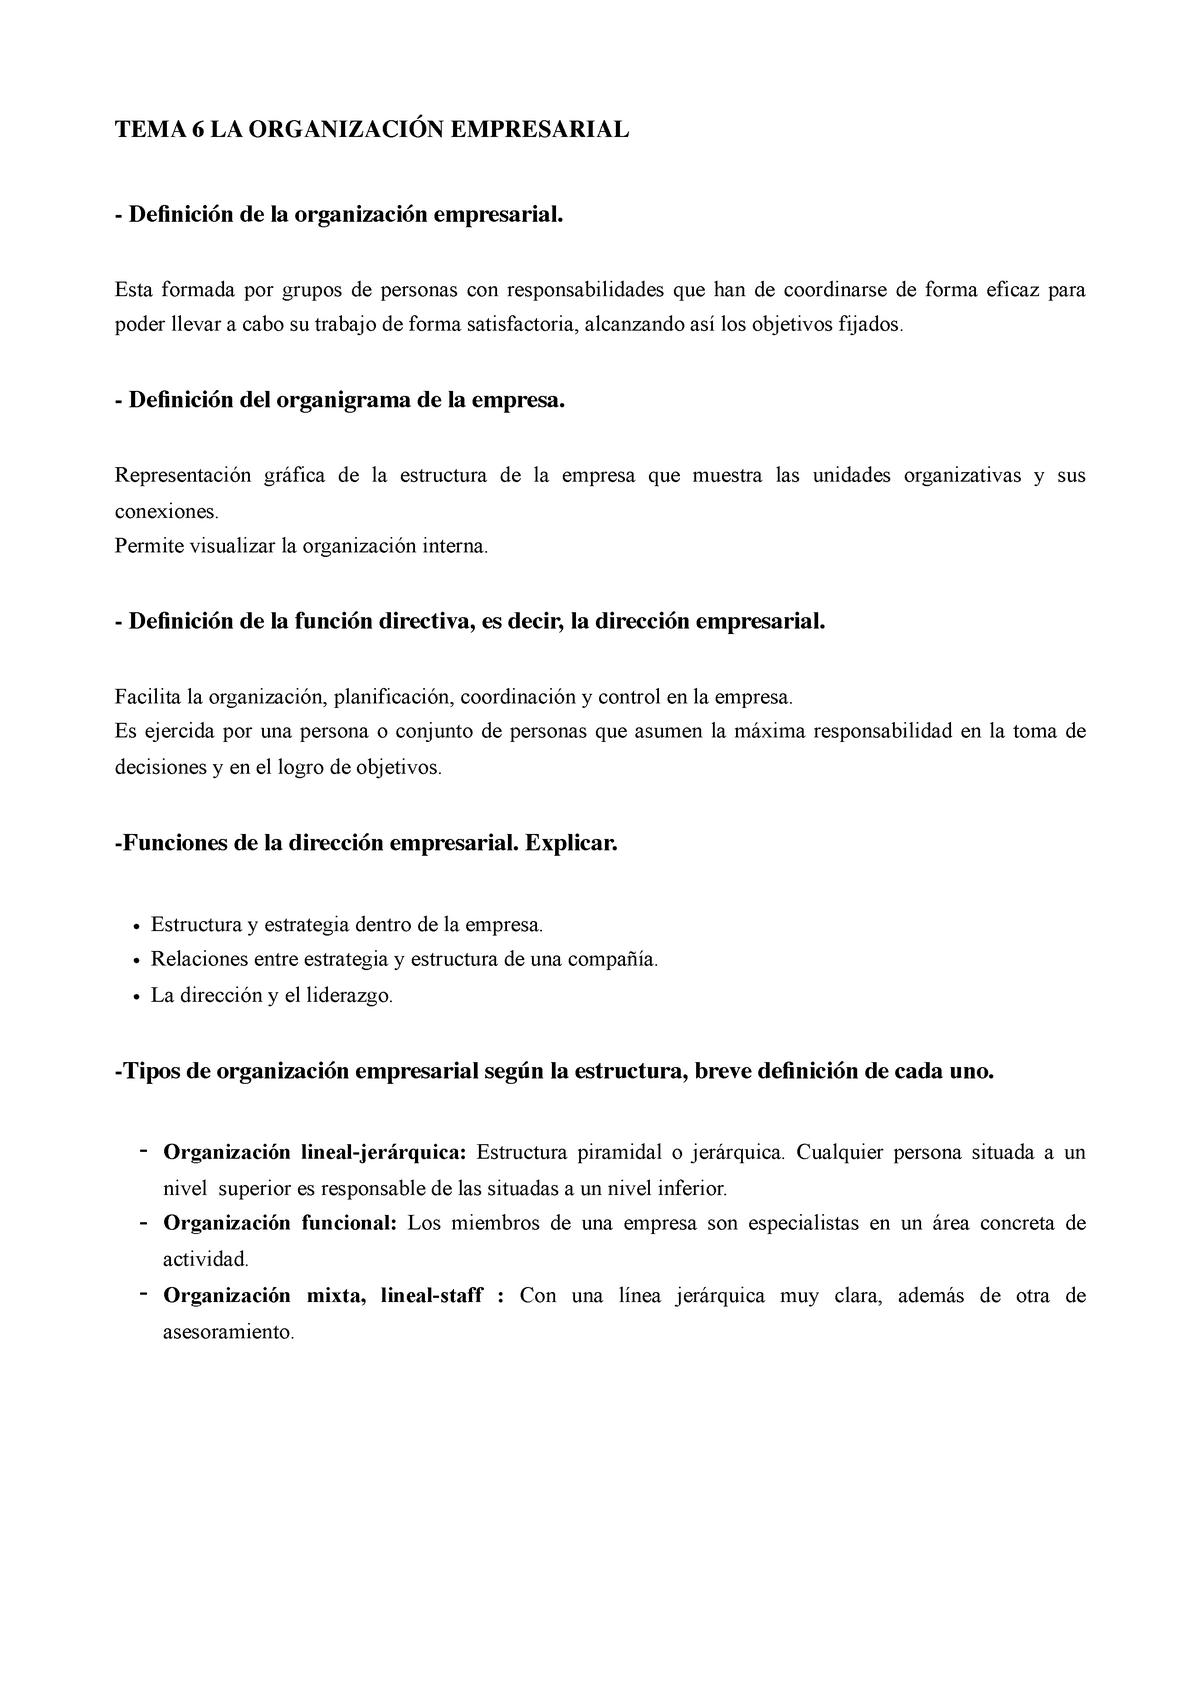 Tema 6 De Empresas De La Comunicación Deusto Studocu